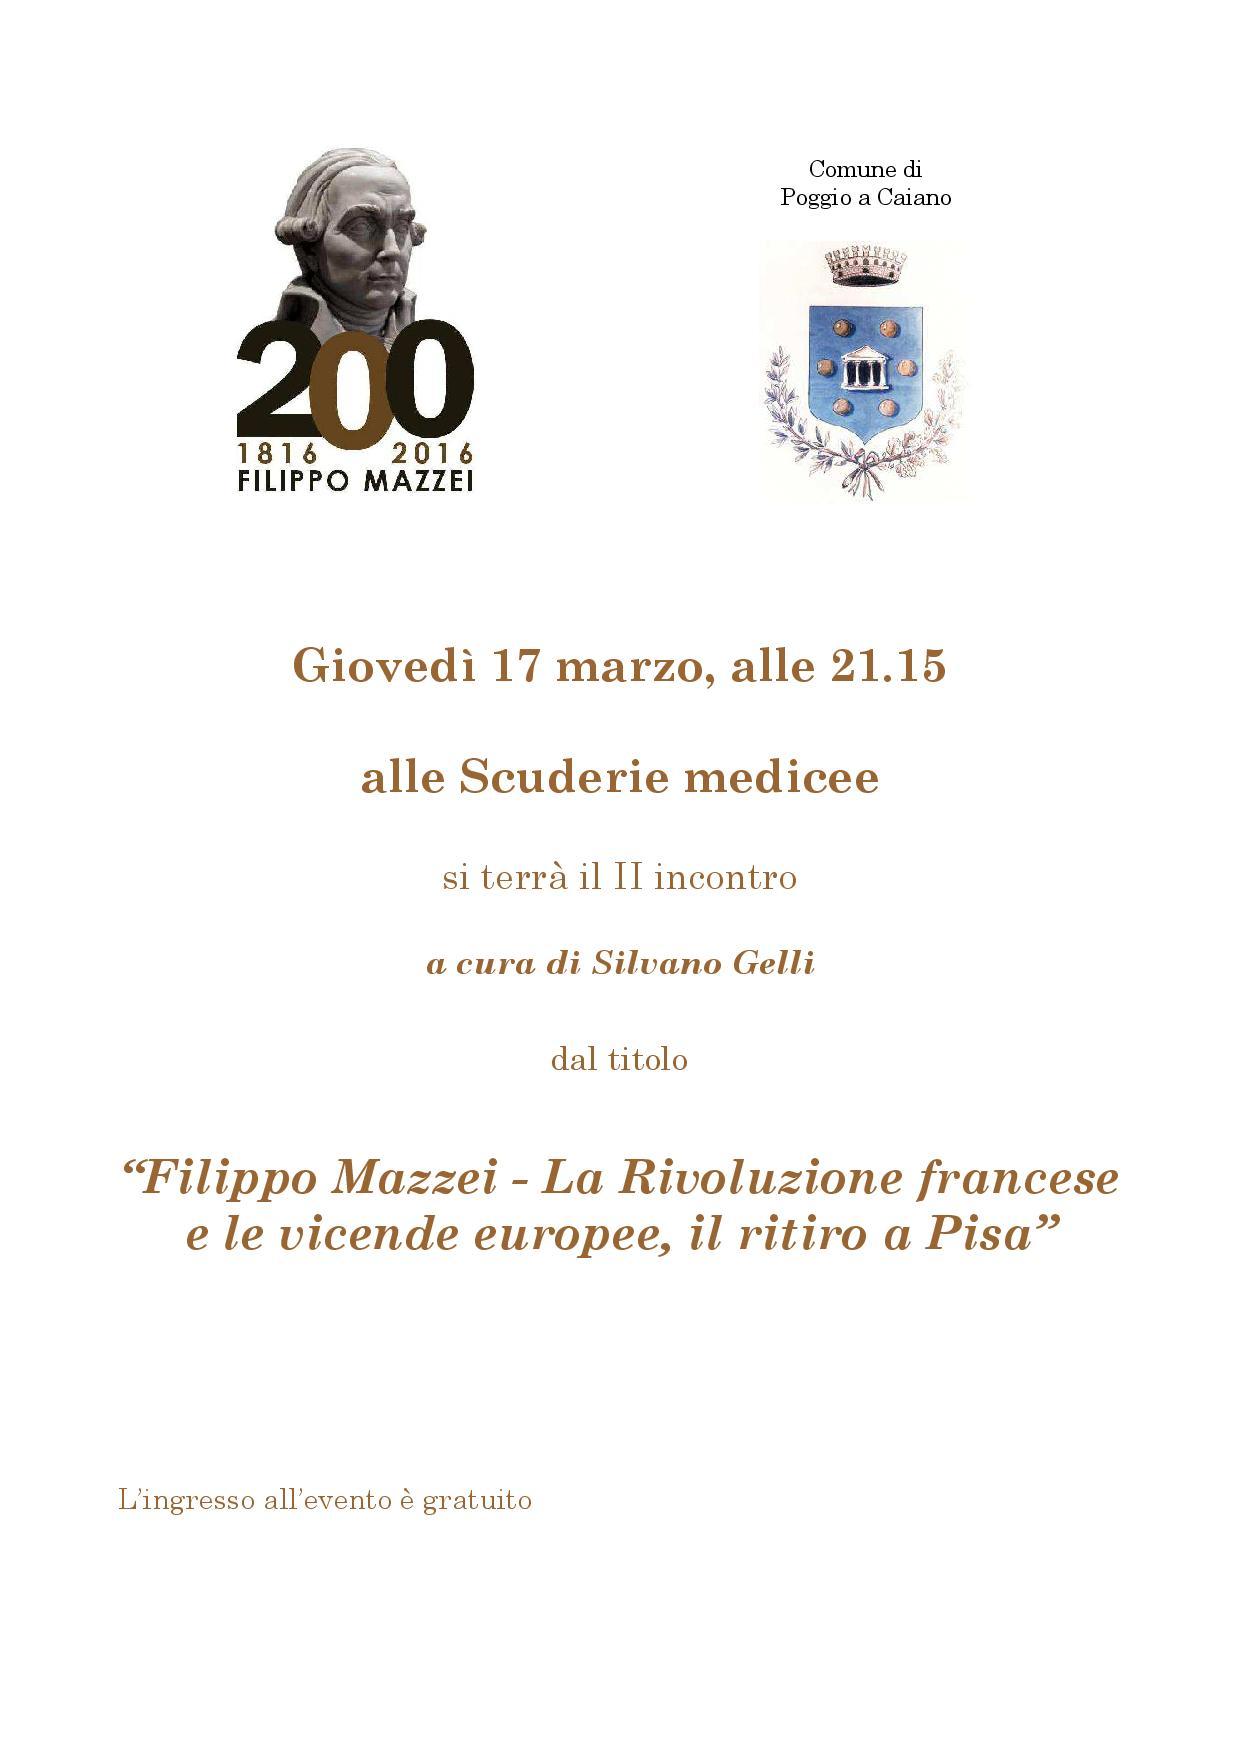 La locandina dell'incontro su Filippo Mazzei alle Scuderie medicee, a cura di Silvano Gelli